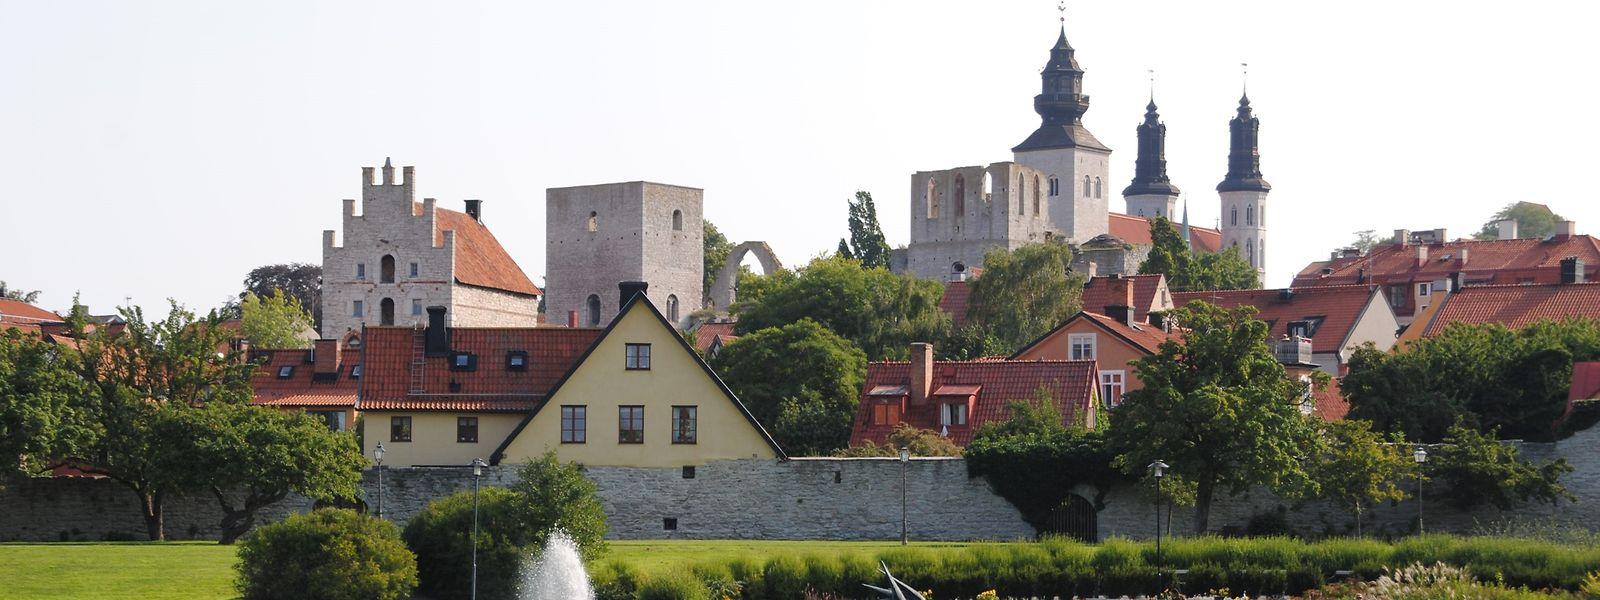 Die Stadttour startet in Almedalen, außerhalb der Stadtmauern, wo sich früher der Hafen befand.